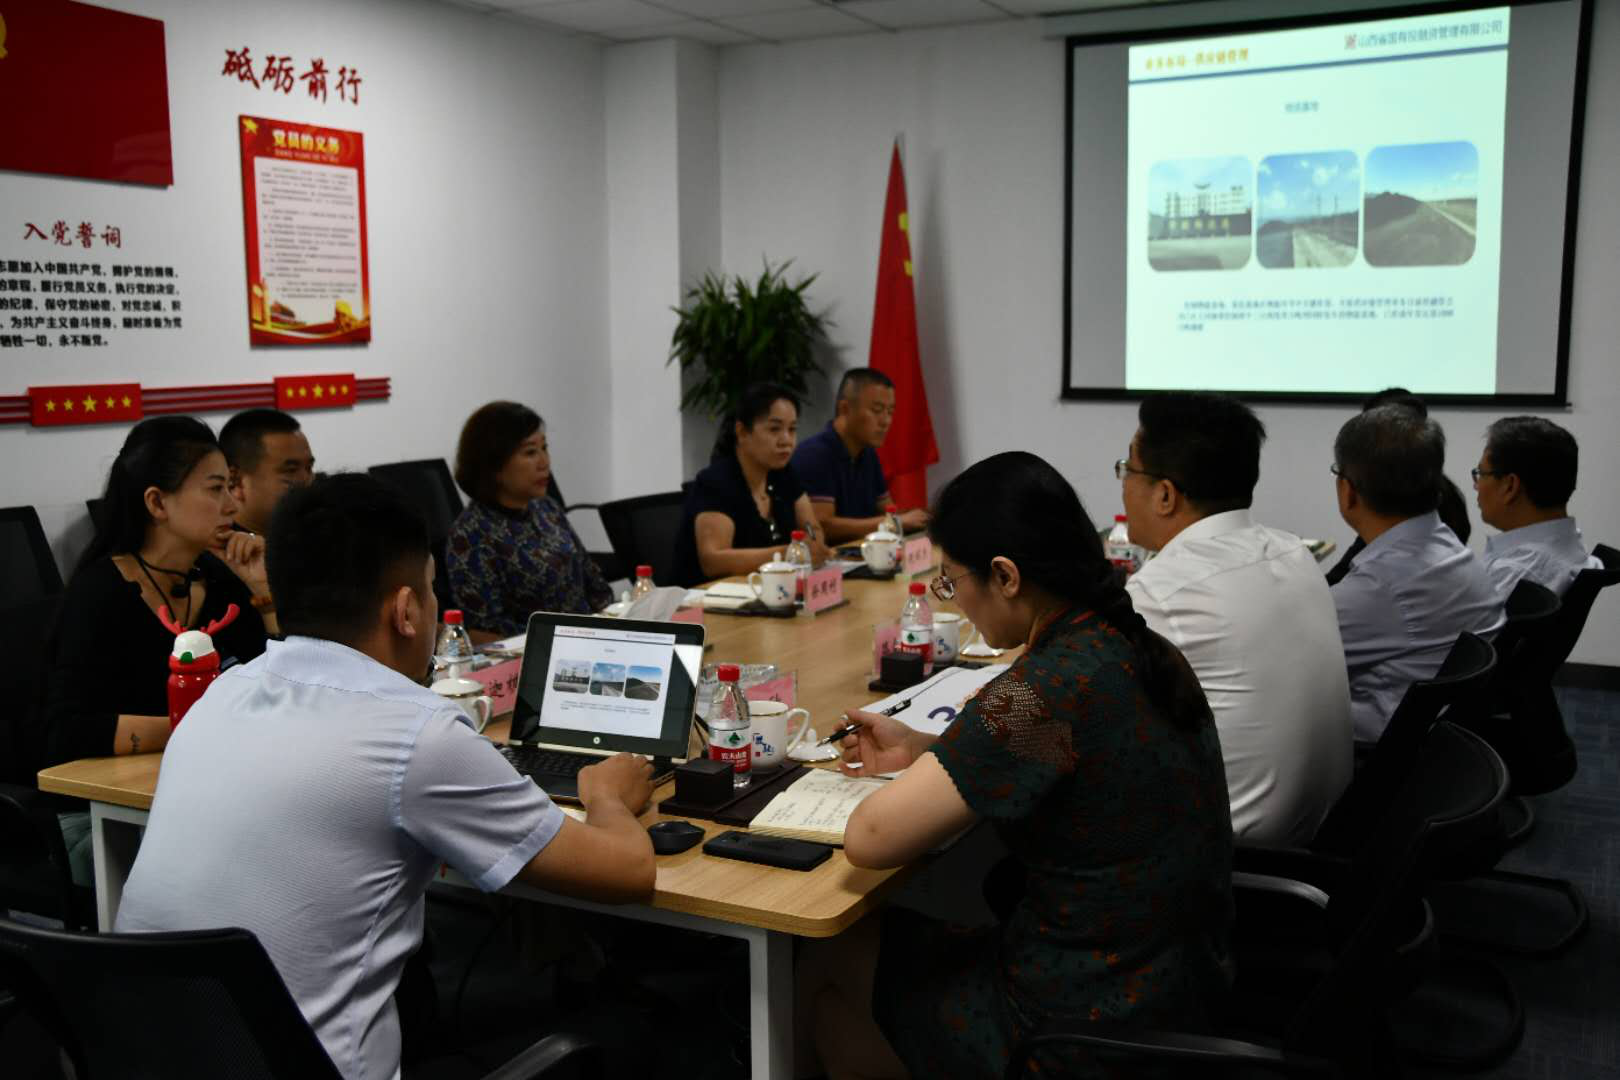 江苏悦达港口物流发展有限公司总经理徐周利一行来访